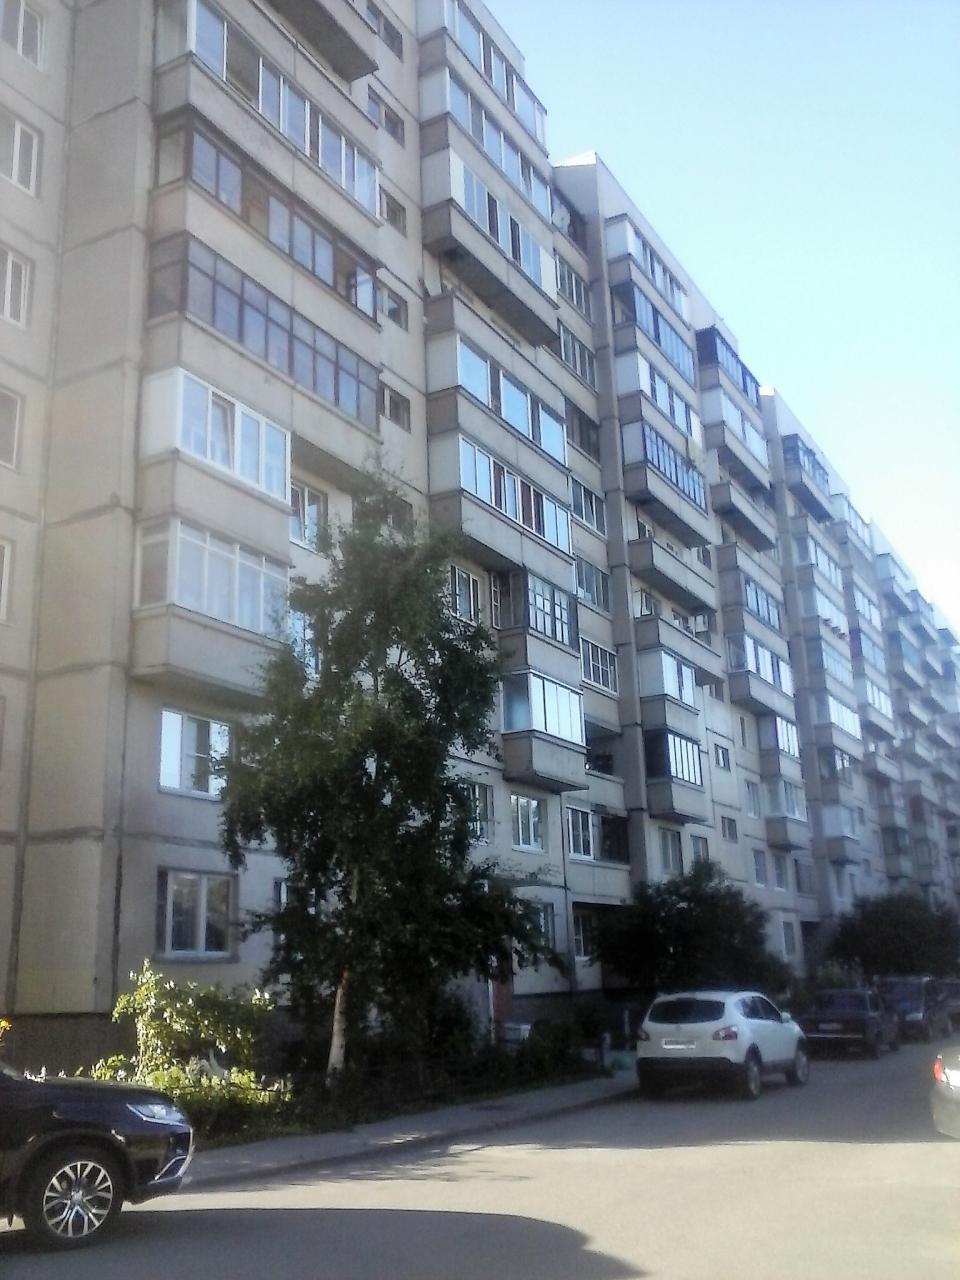 http://nevsky-prostor.pro.bkn.ru/images/s_big/48533bf9-a1bb-11e7-b300-448a5bd44c07.jpg